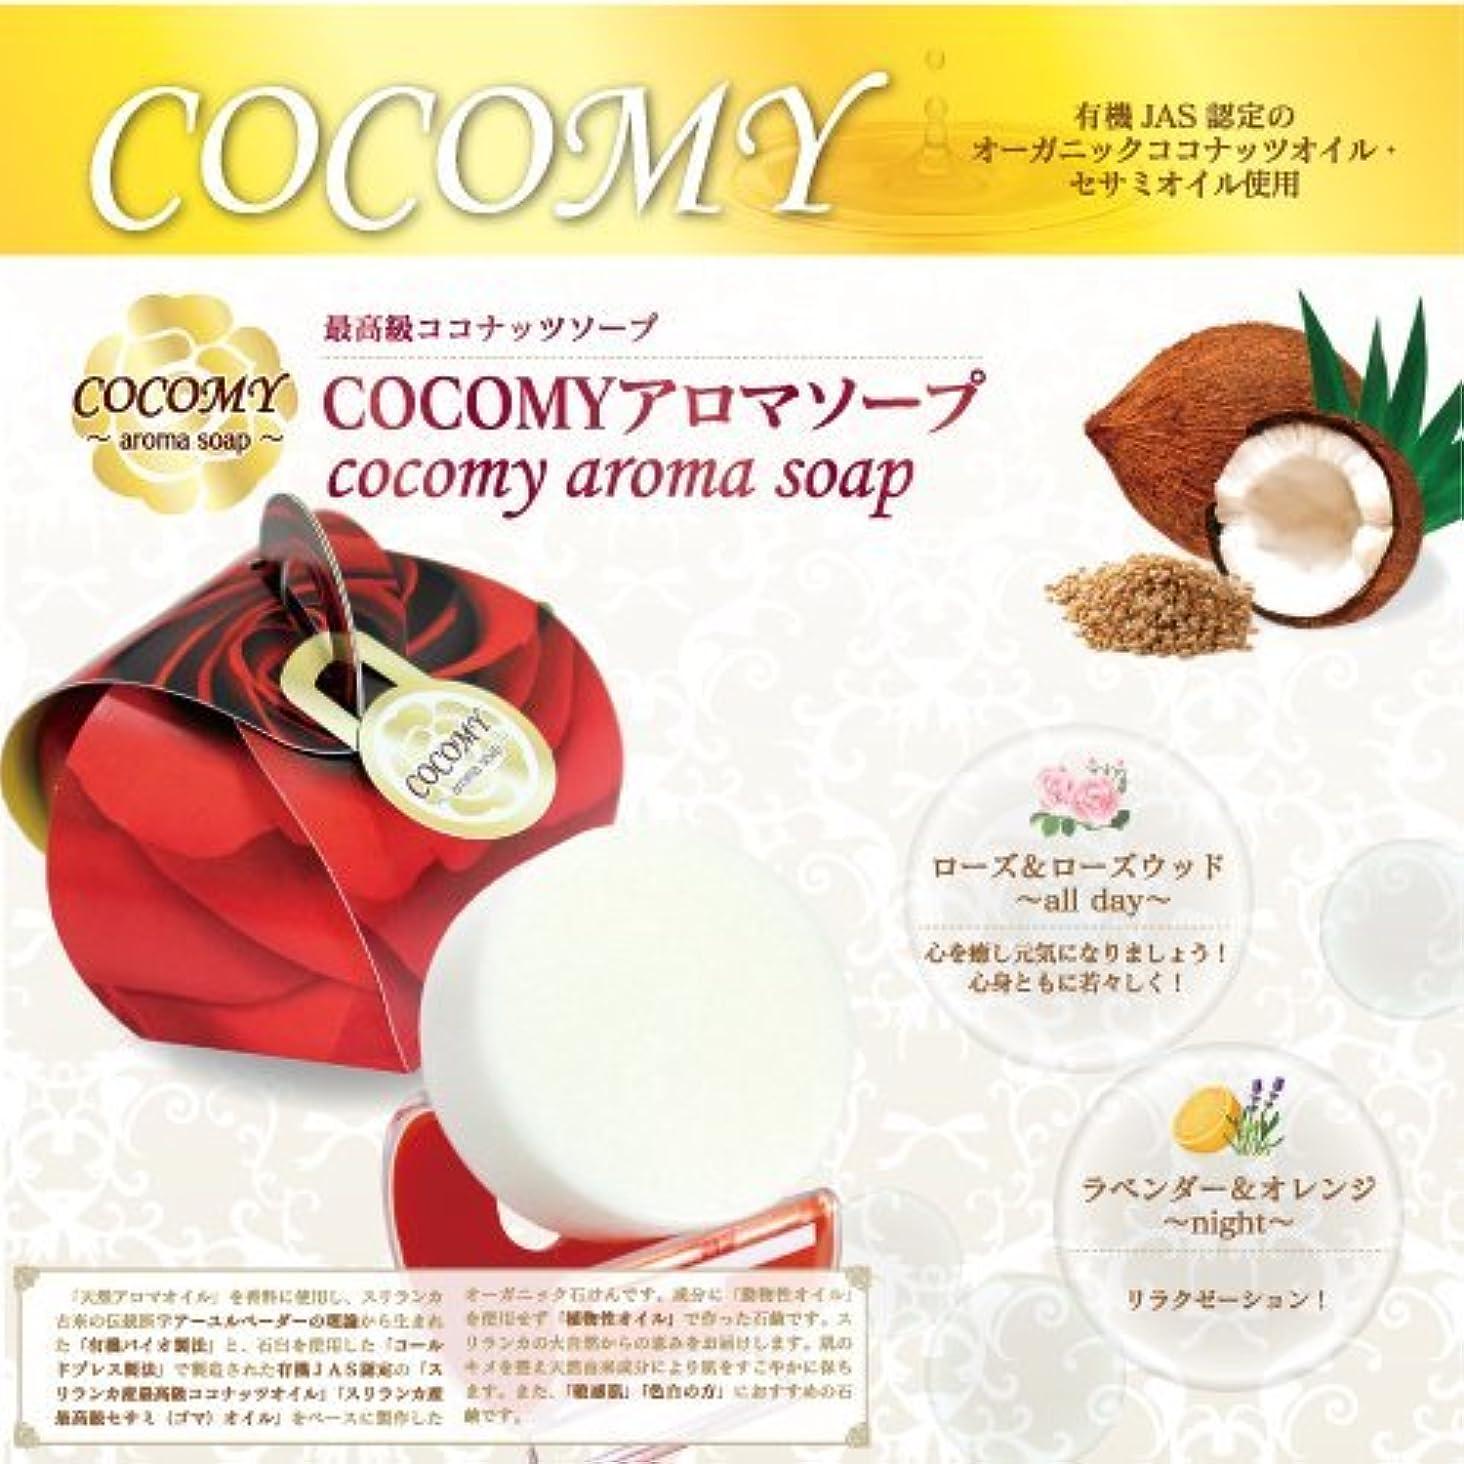 共産主義しがみつくパイルCOCOMY aromaソープ 4個セット (ラベンダー&オレンジ)(ローズ&ローズウッド) 40g×各2